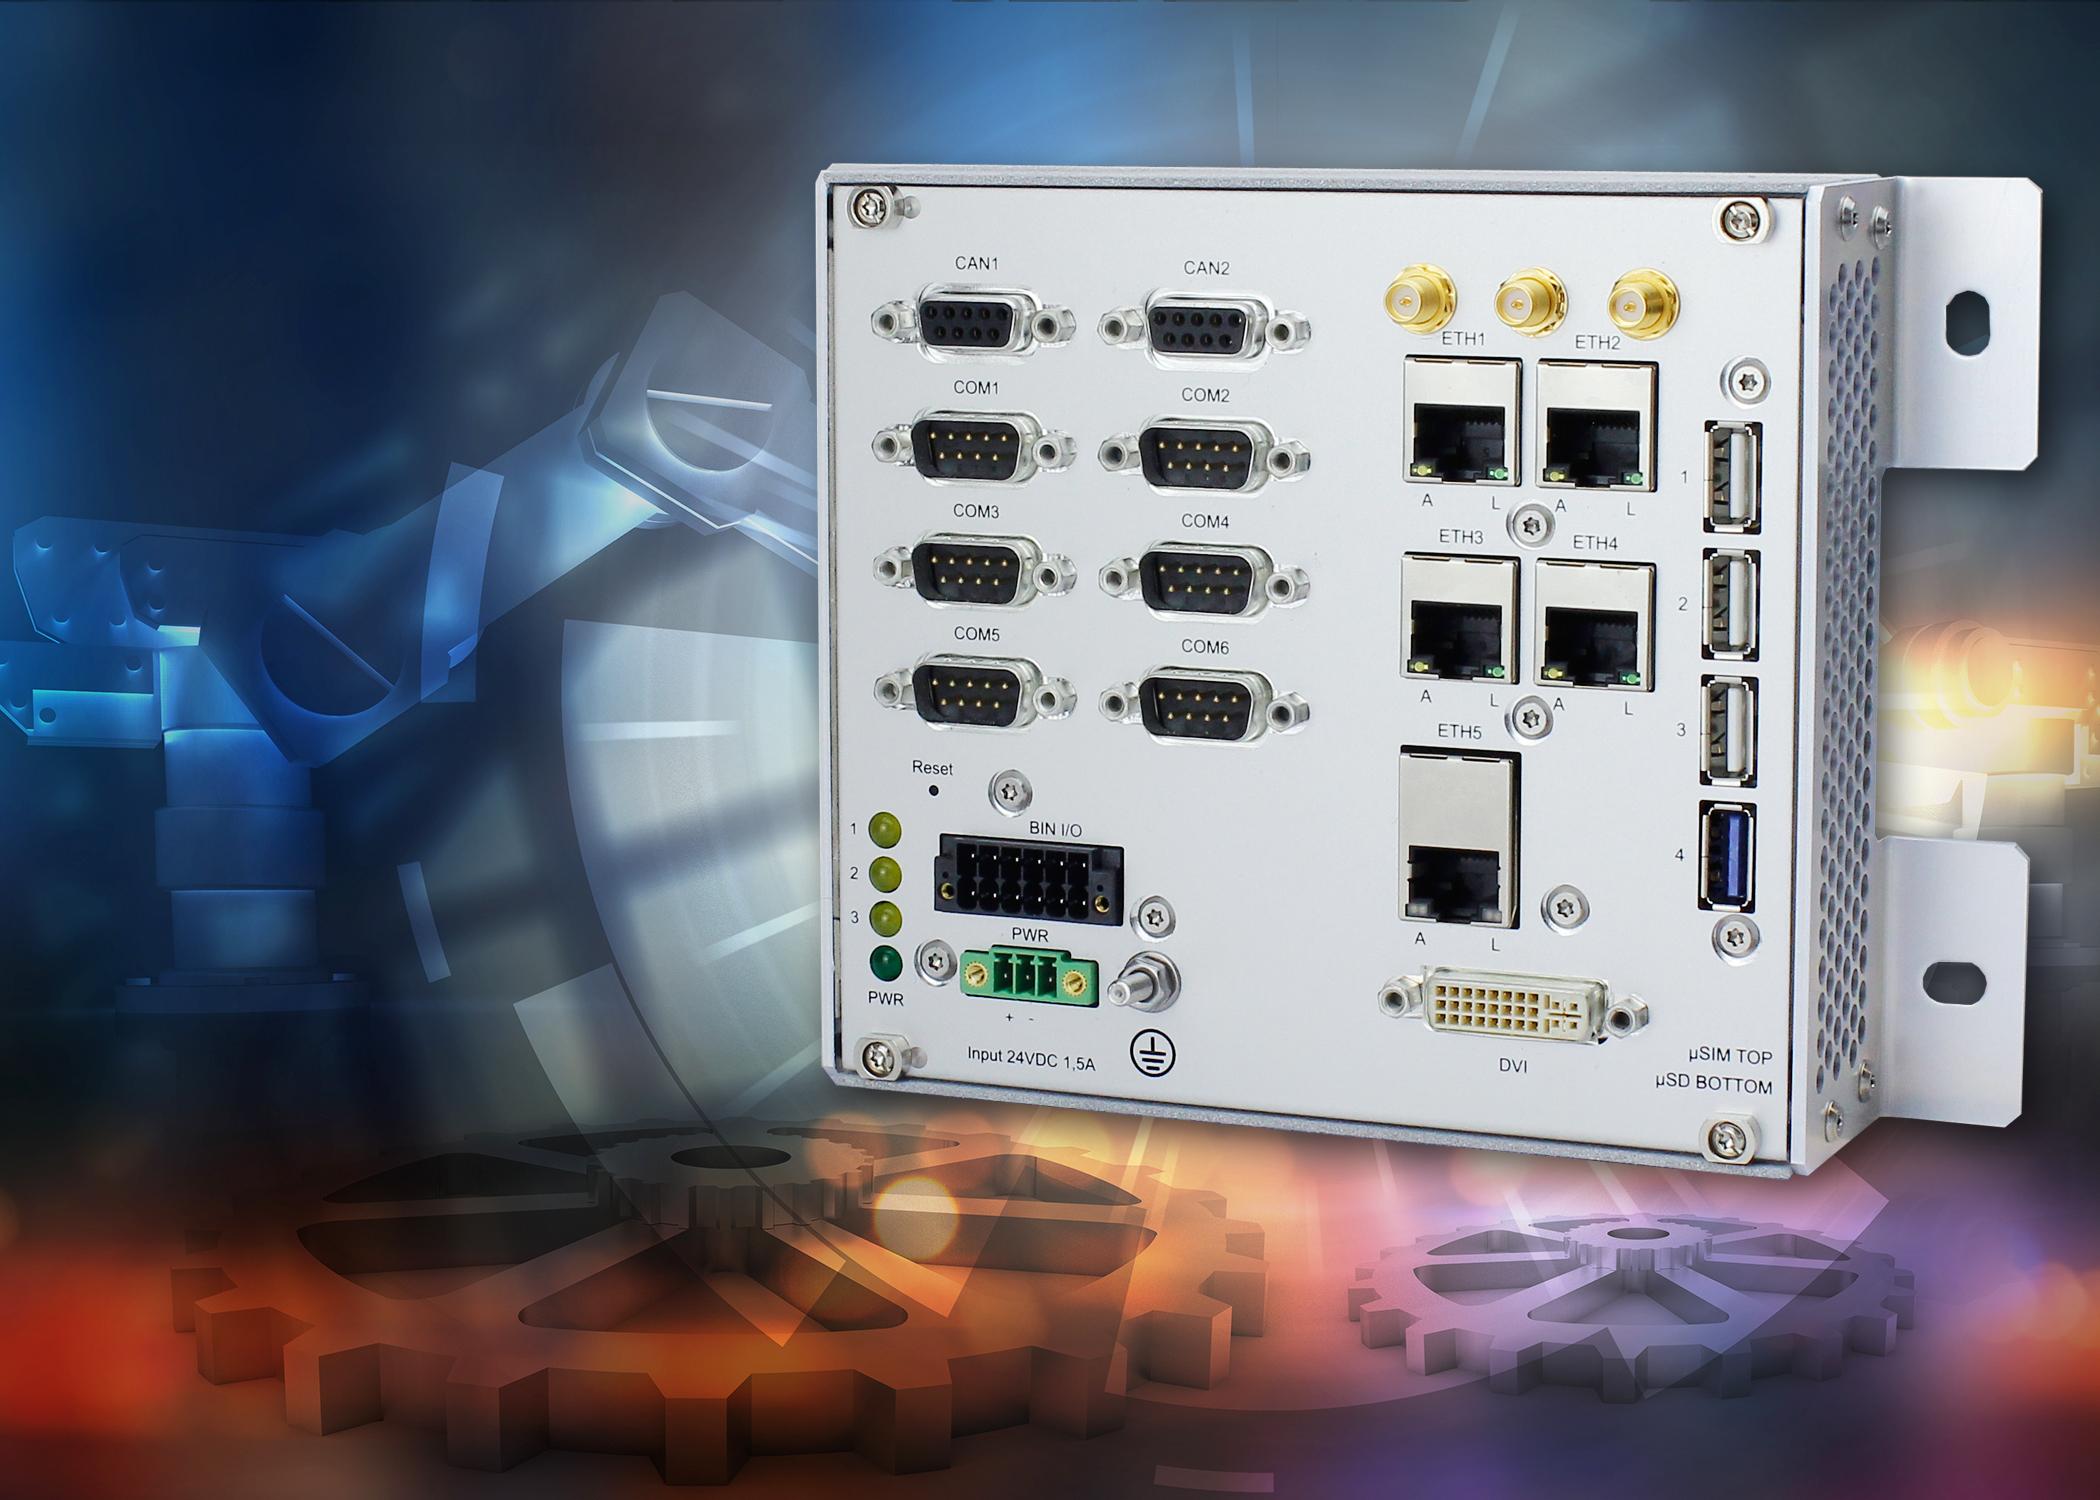 Box-PC für IoT in der Industrie-Automation